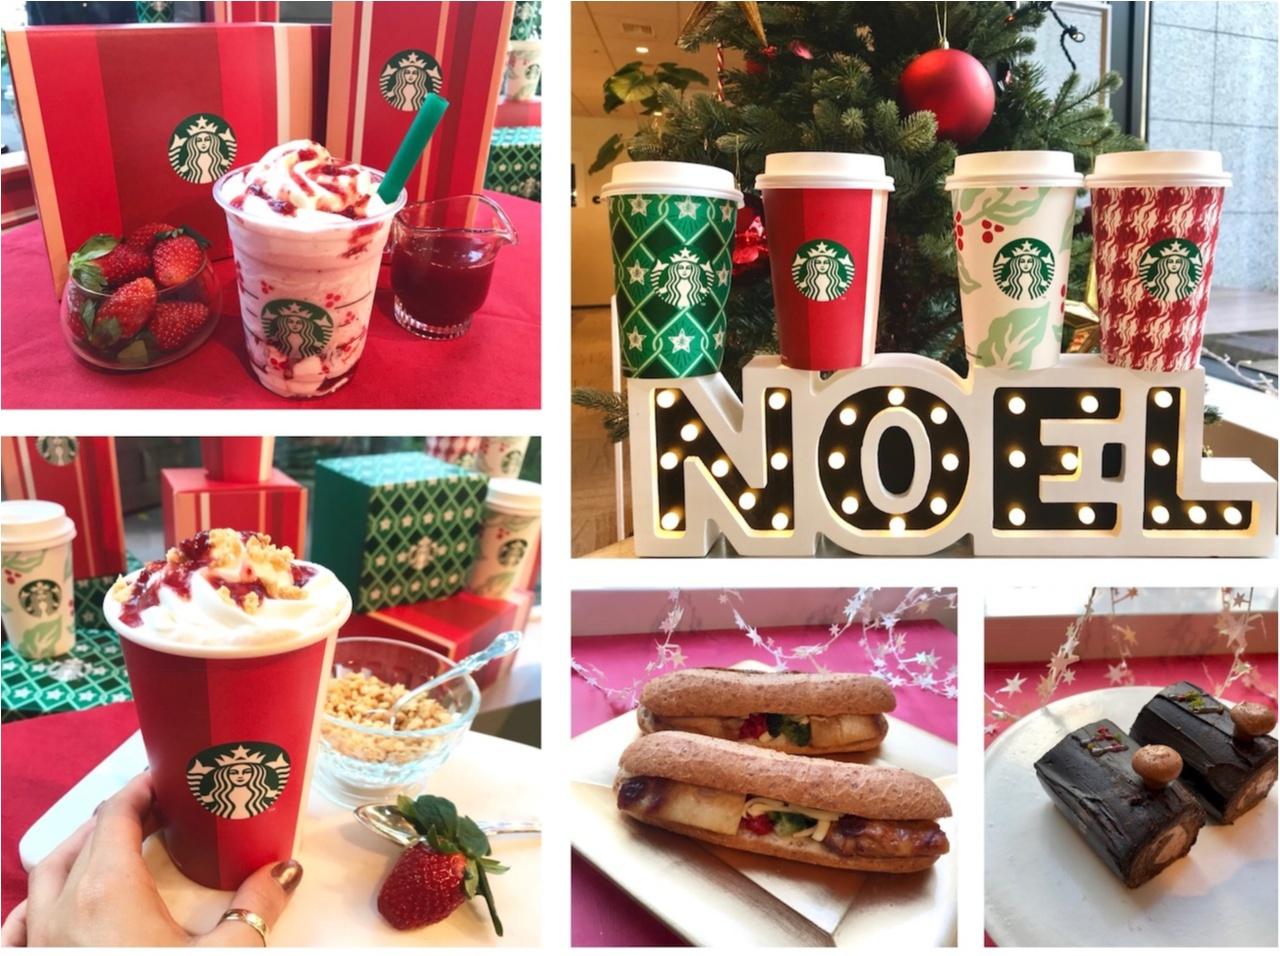 スタバ【新作試飲レポ】! 「クリスマス ストロベリー ケーキ フラペチーノ」他で、高まるクリスマス気分♡_7